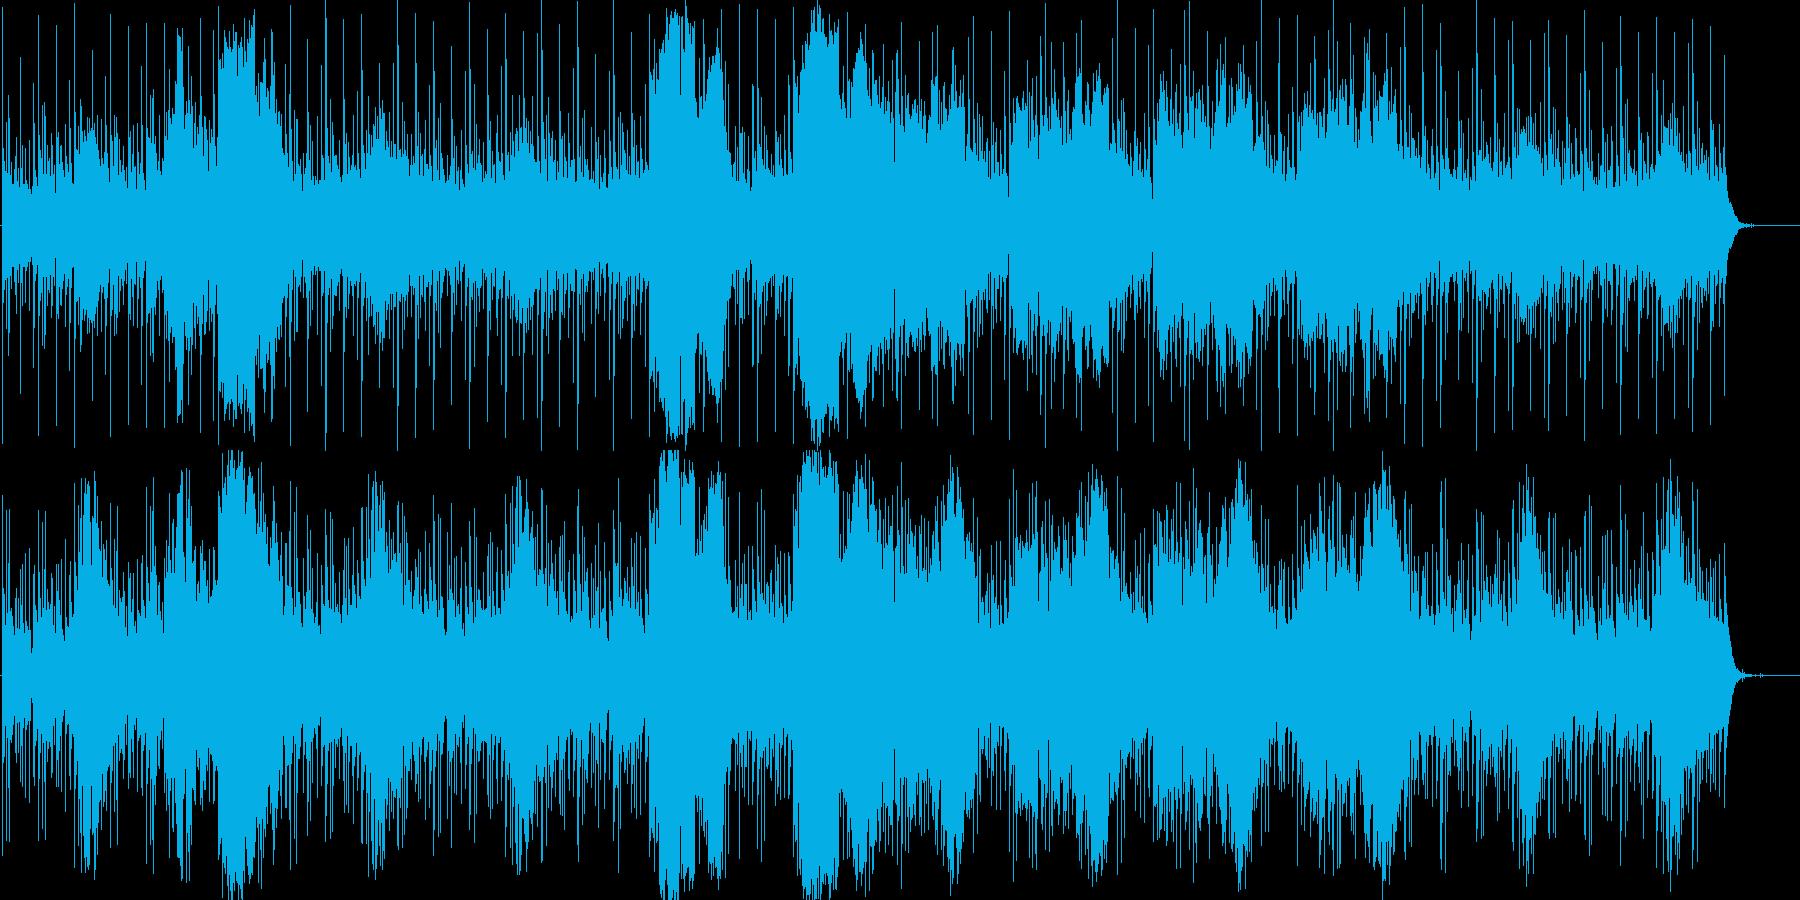 望郷感のある不思議な和風曲の再生済みの波形